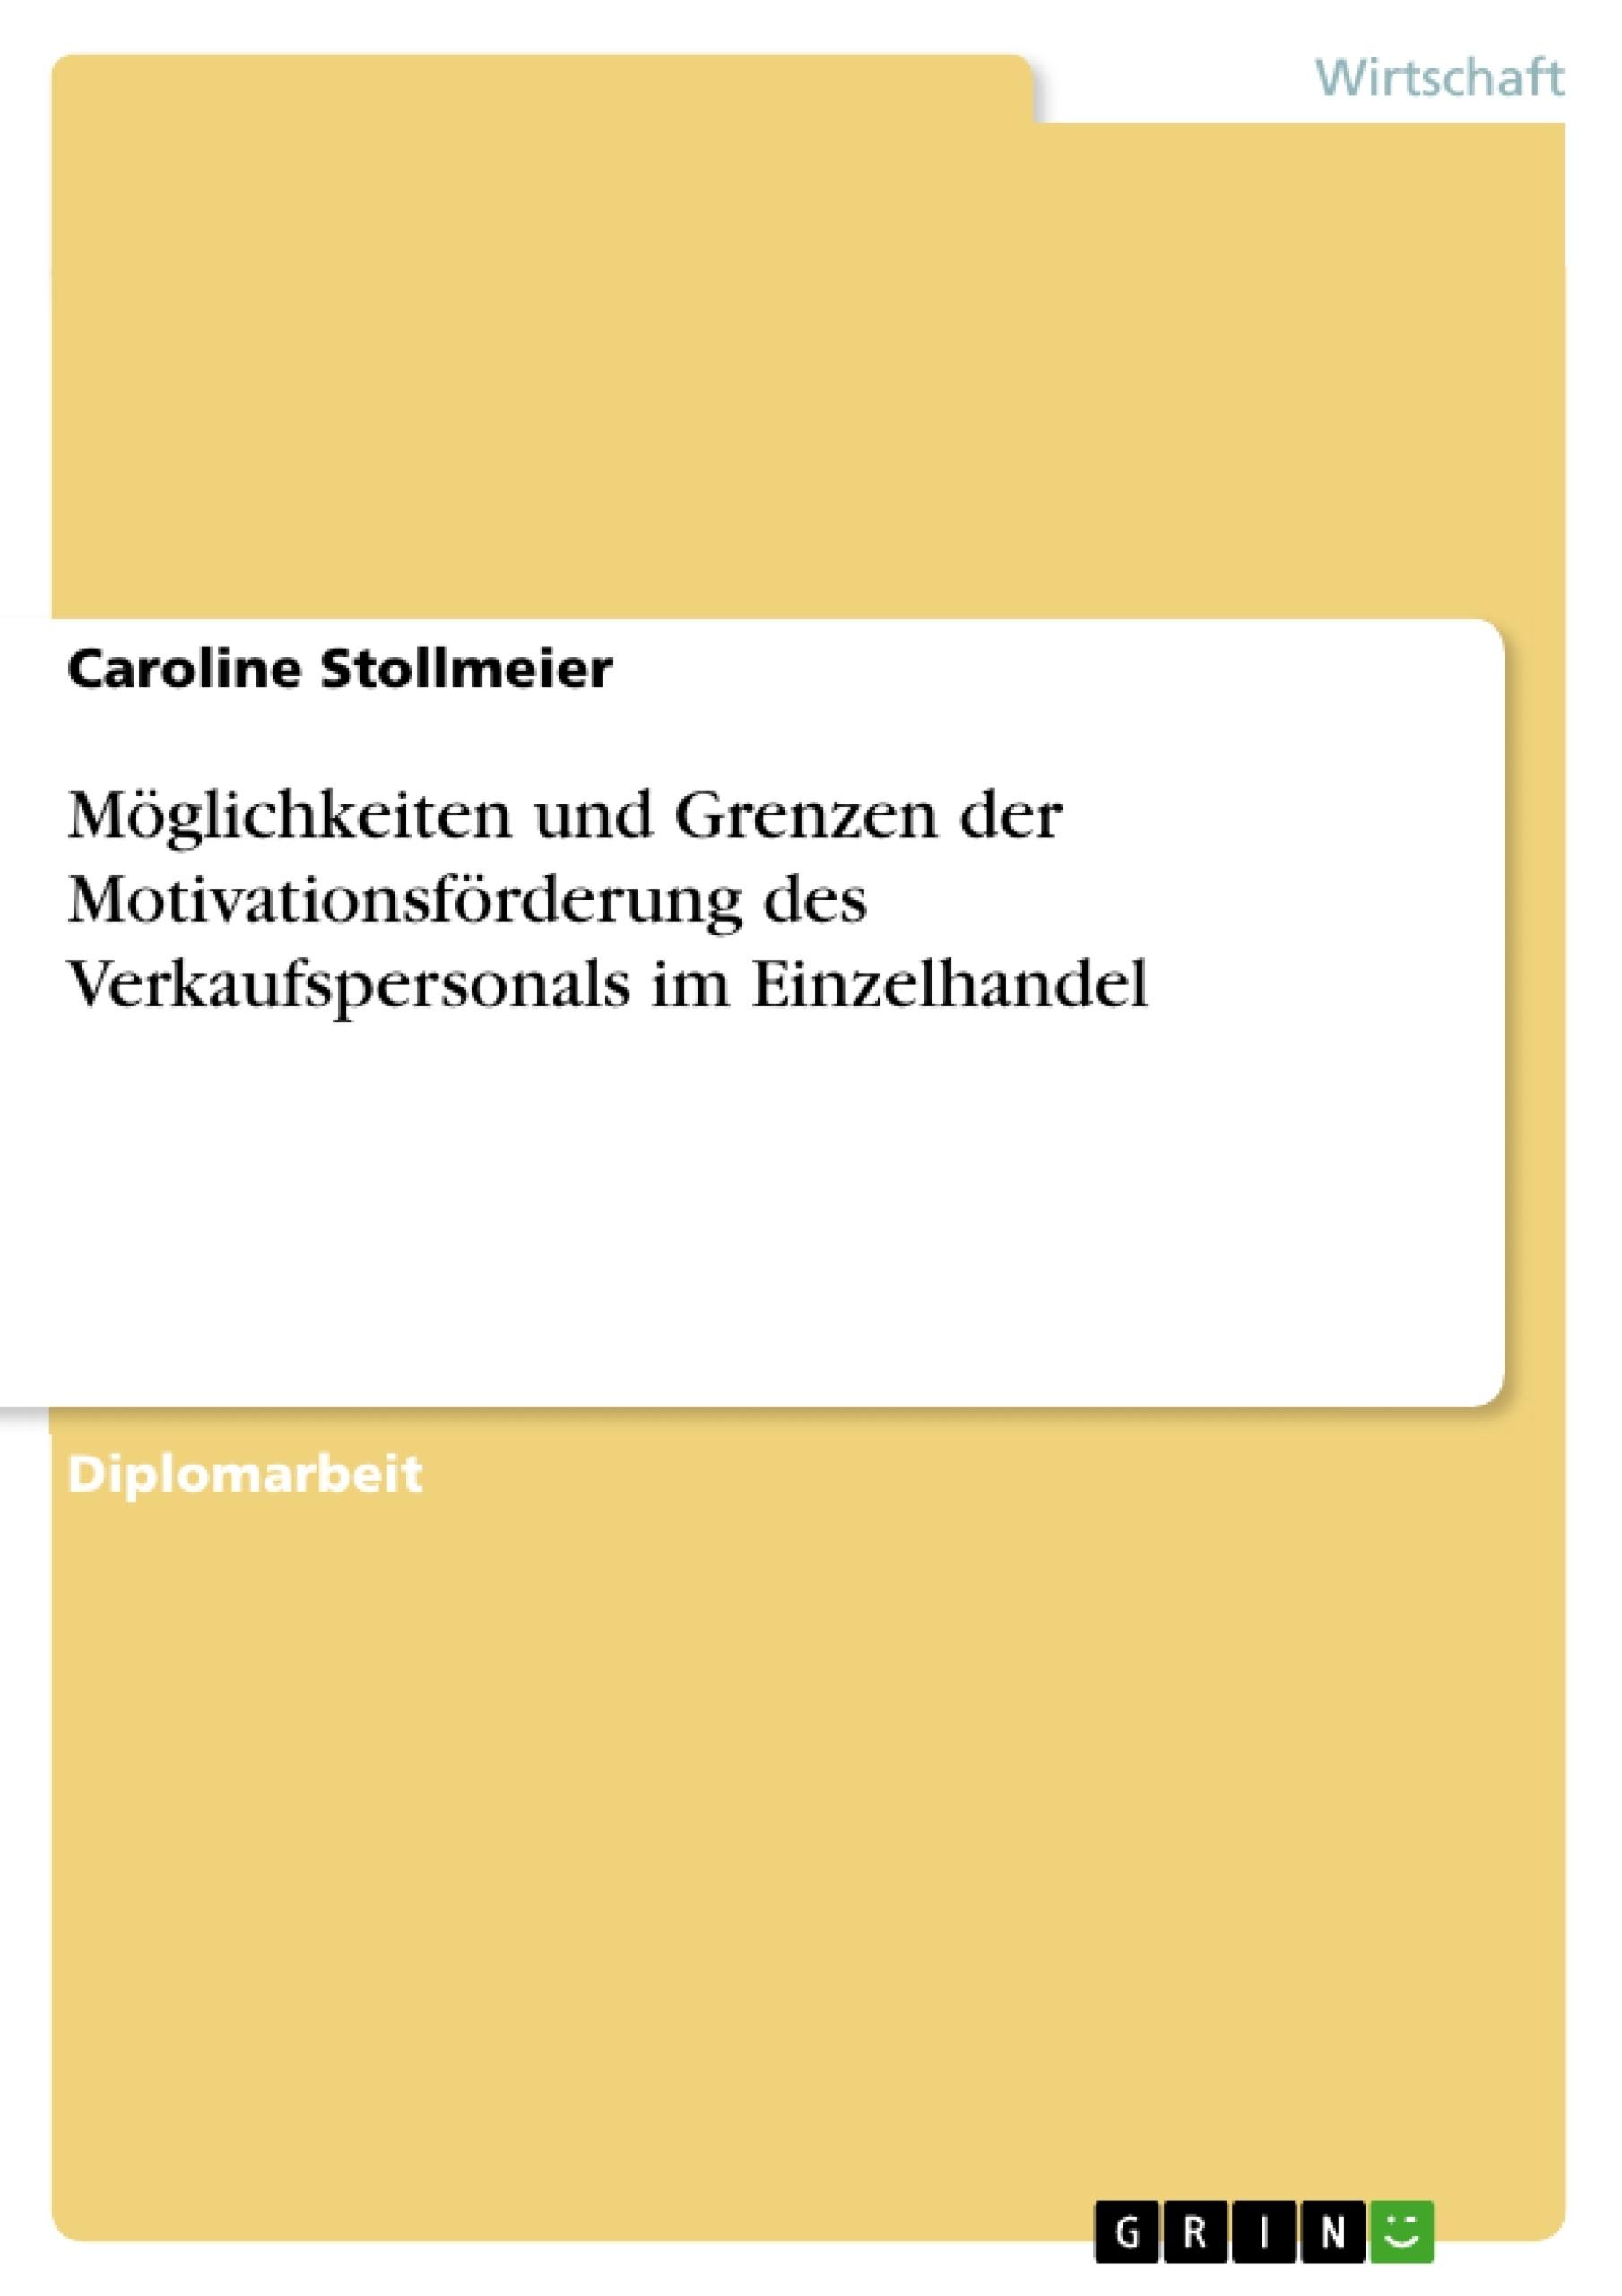 Titel: Möglichkeiten und Grenzen der Motivationsförderung des Verkaufspersonals im Einzelhandel